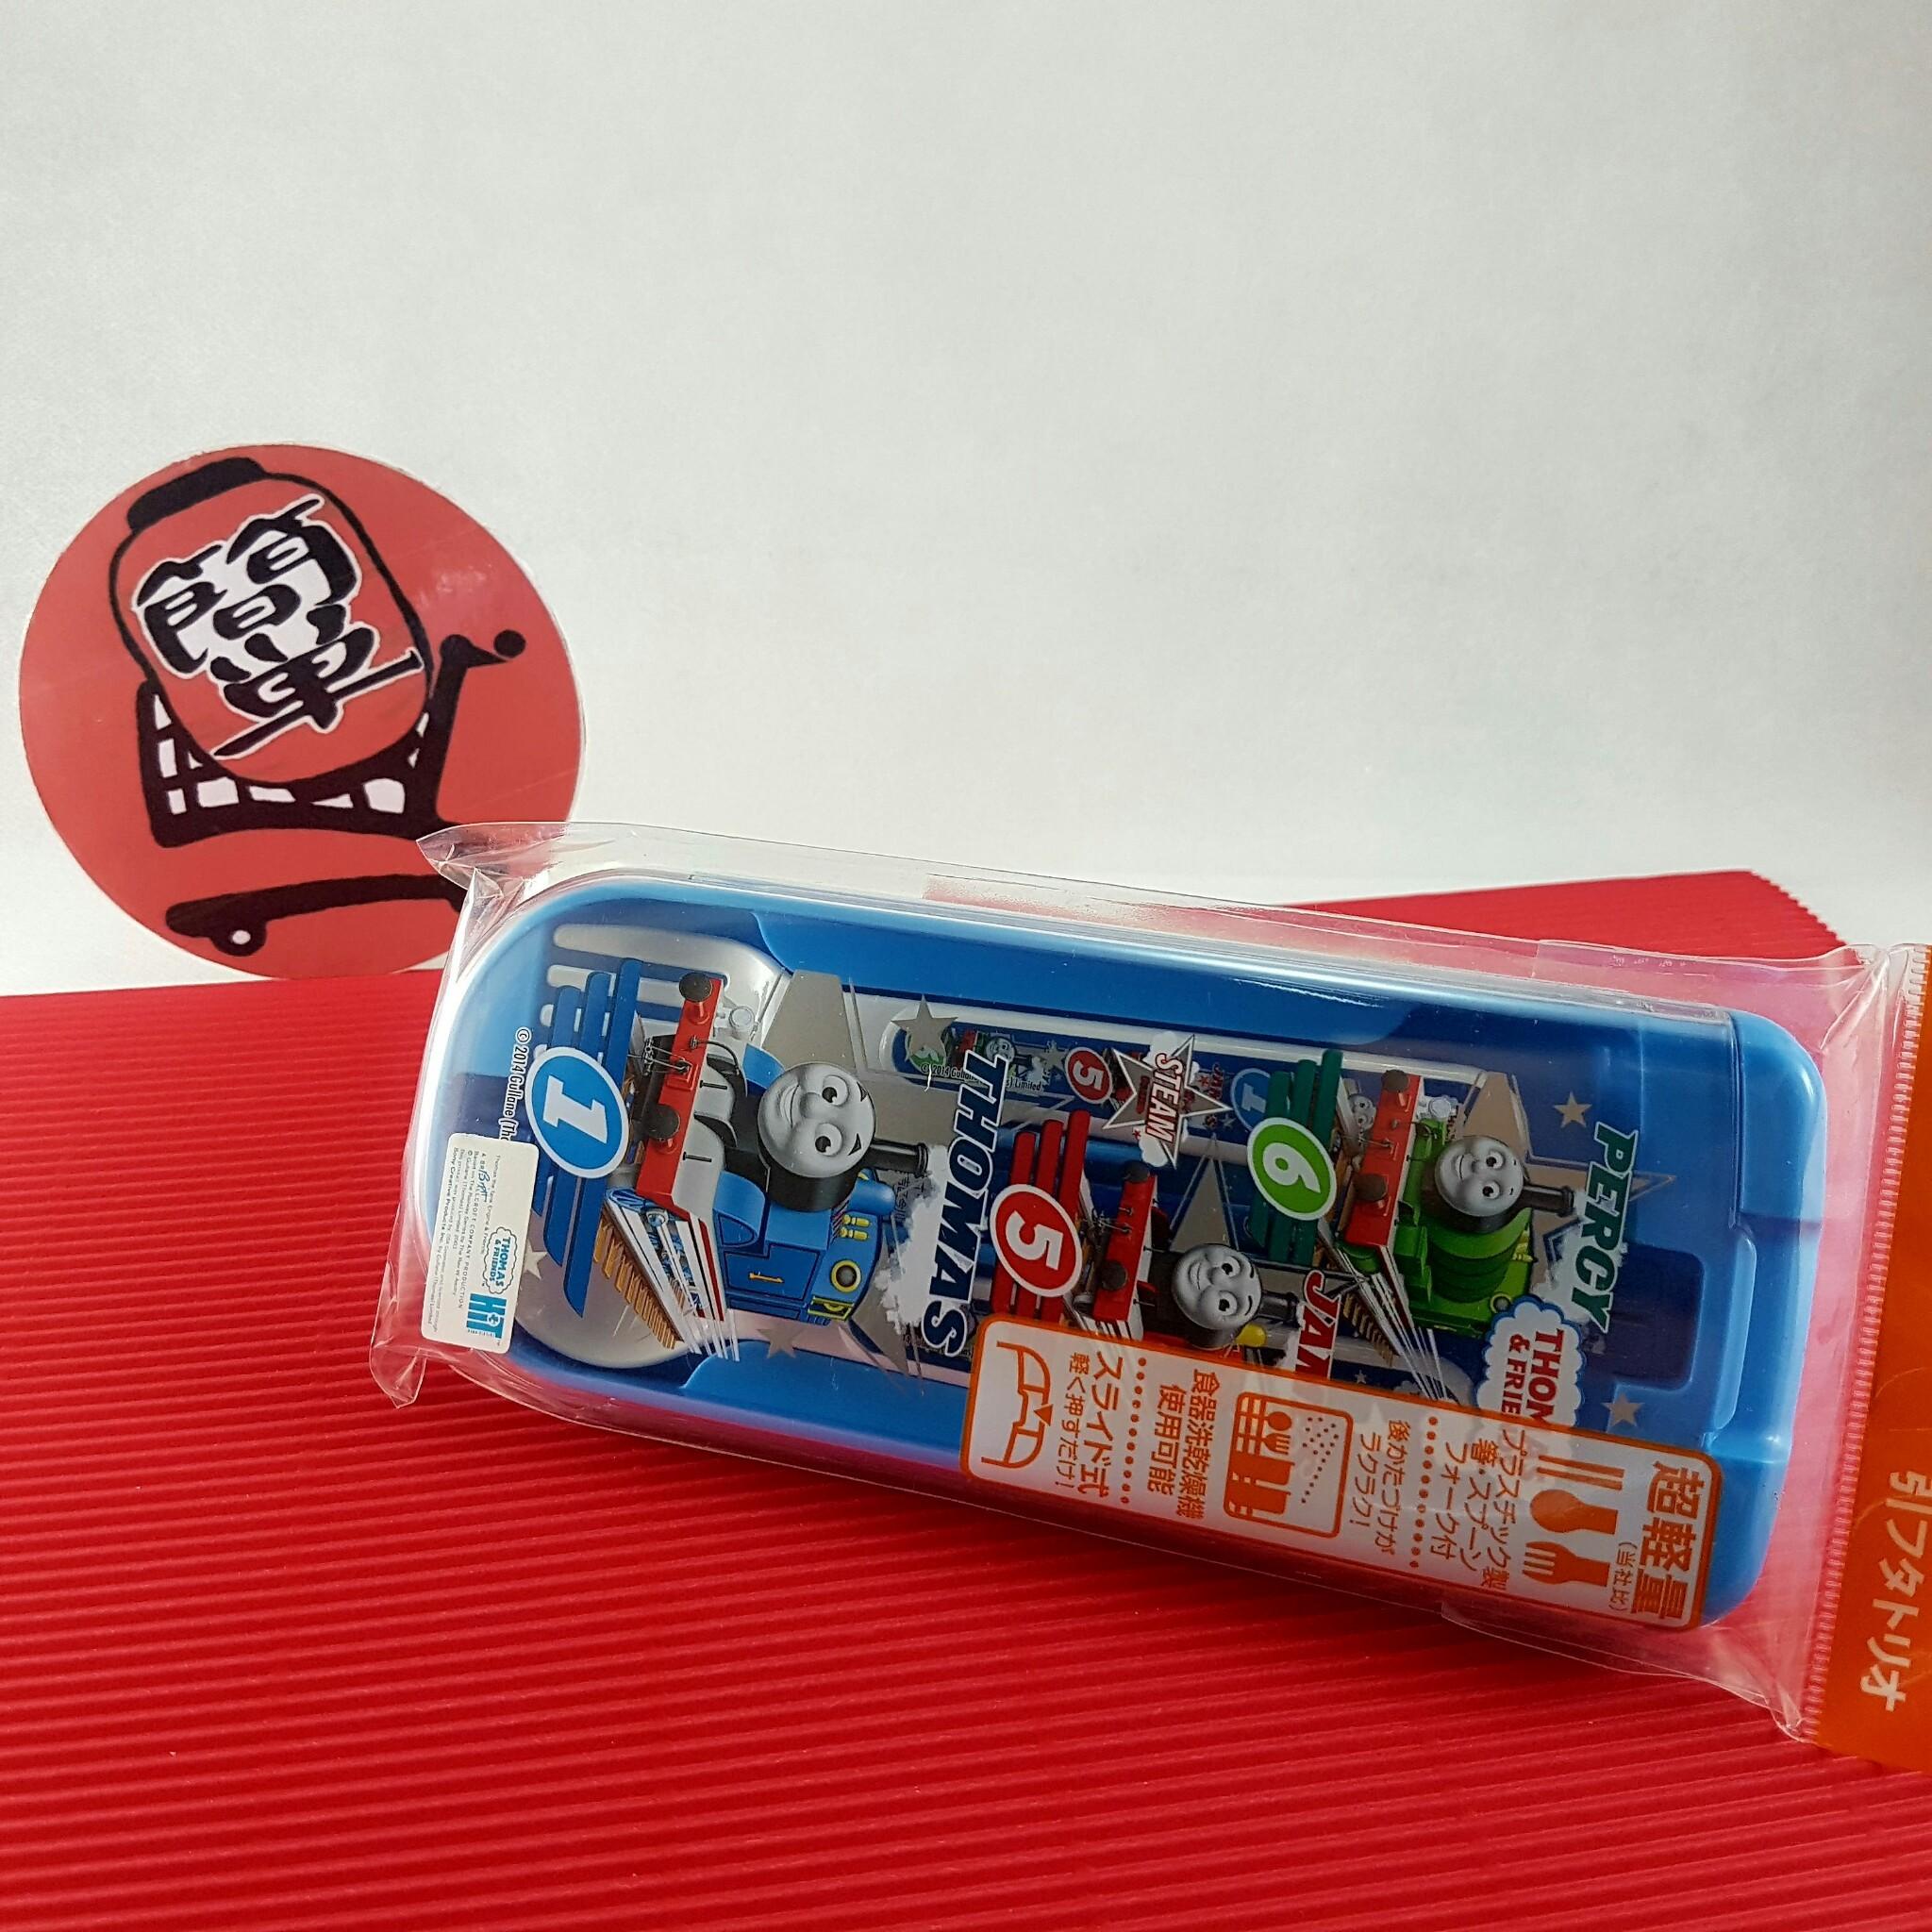 『日本代購品』湯瑪士小火車 兒童超輕量餐具組 筷子湯匙叉子附收納盒 日本製